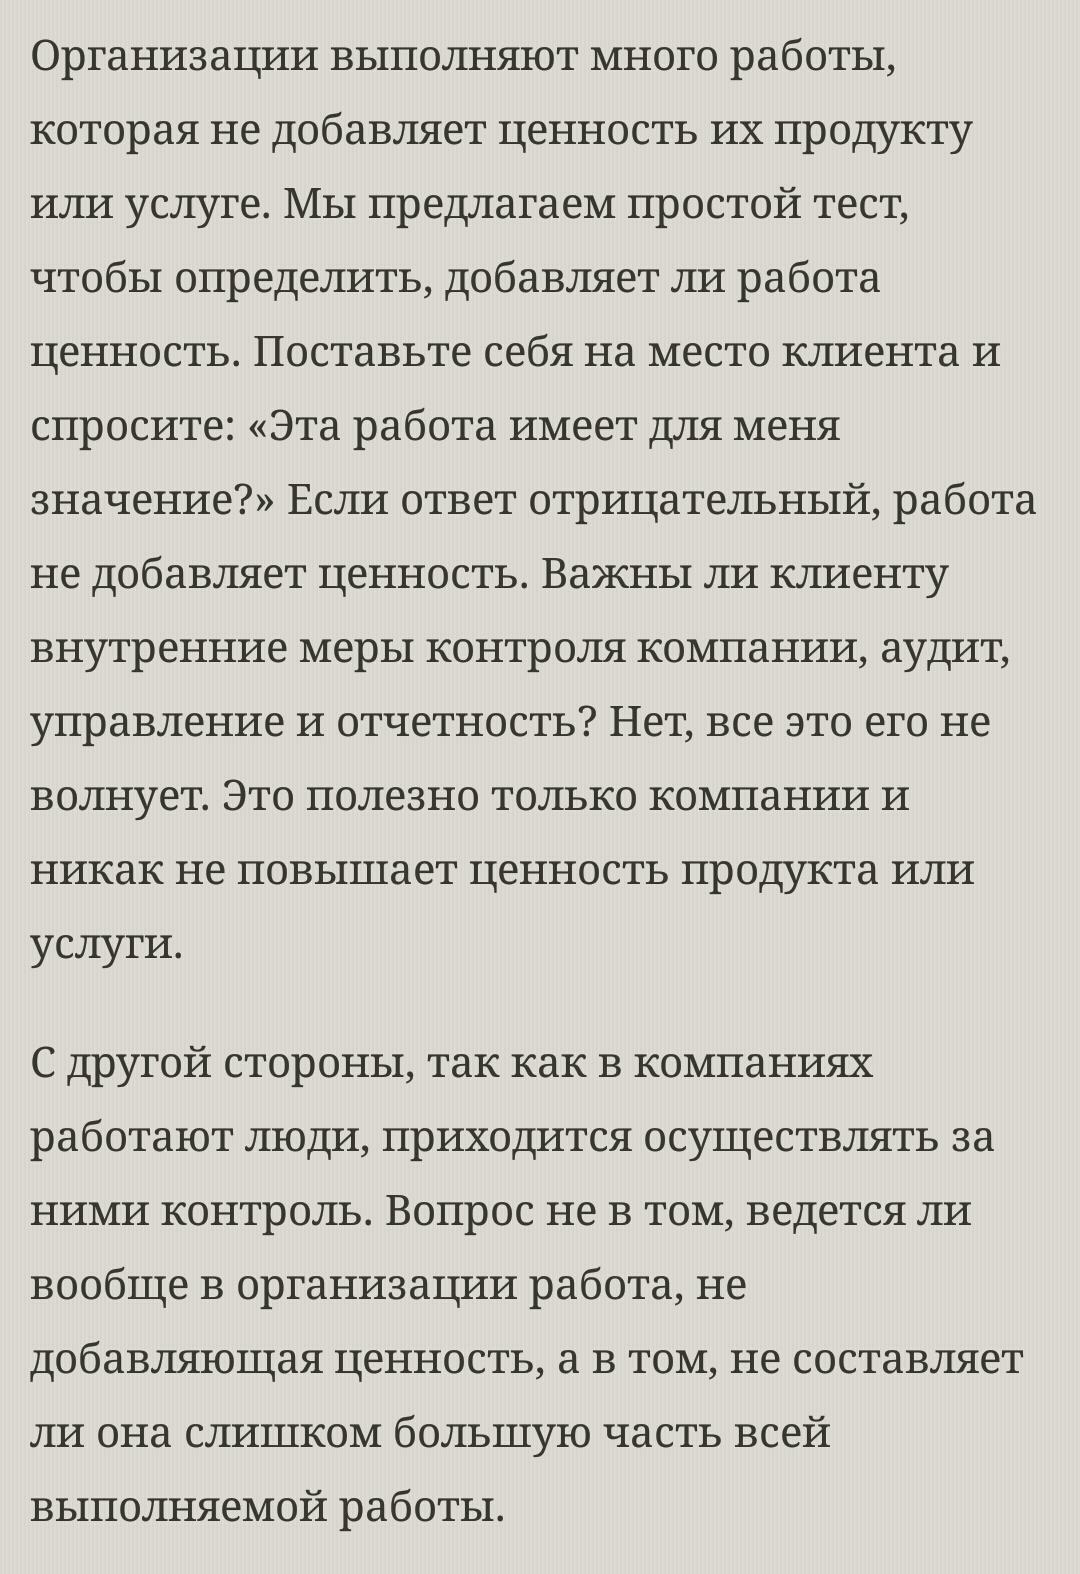 Изображение (4)